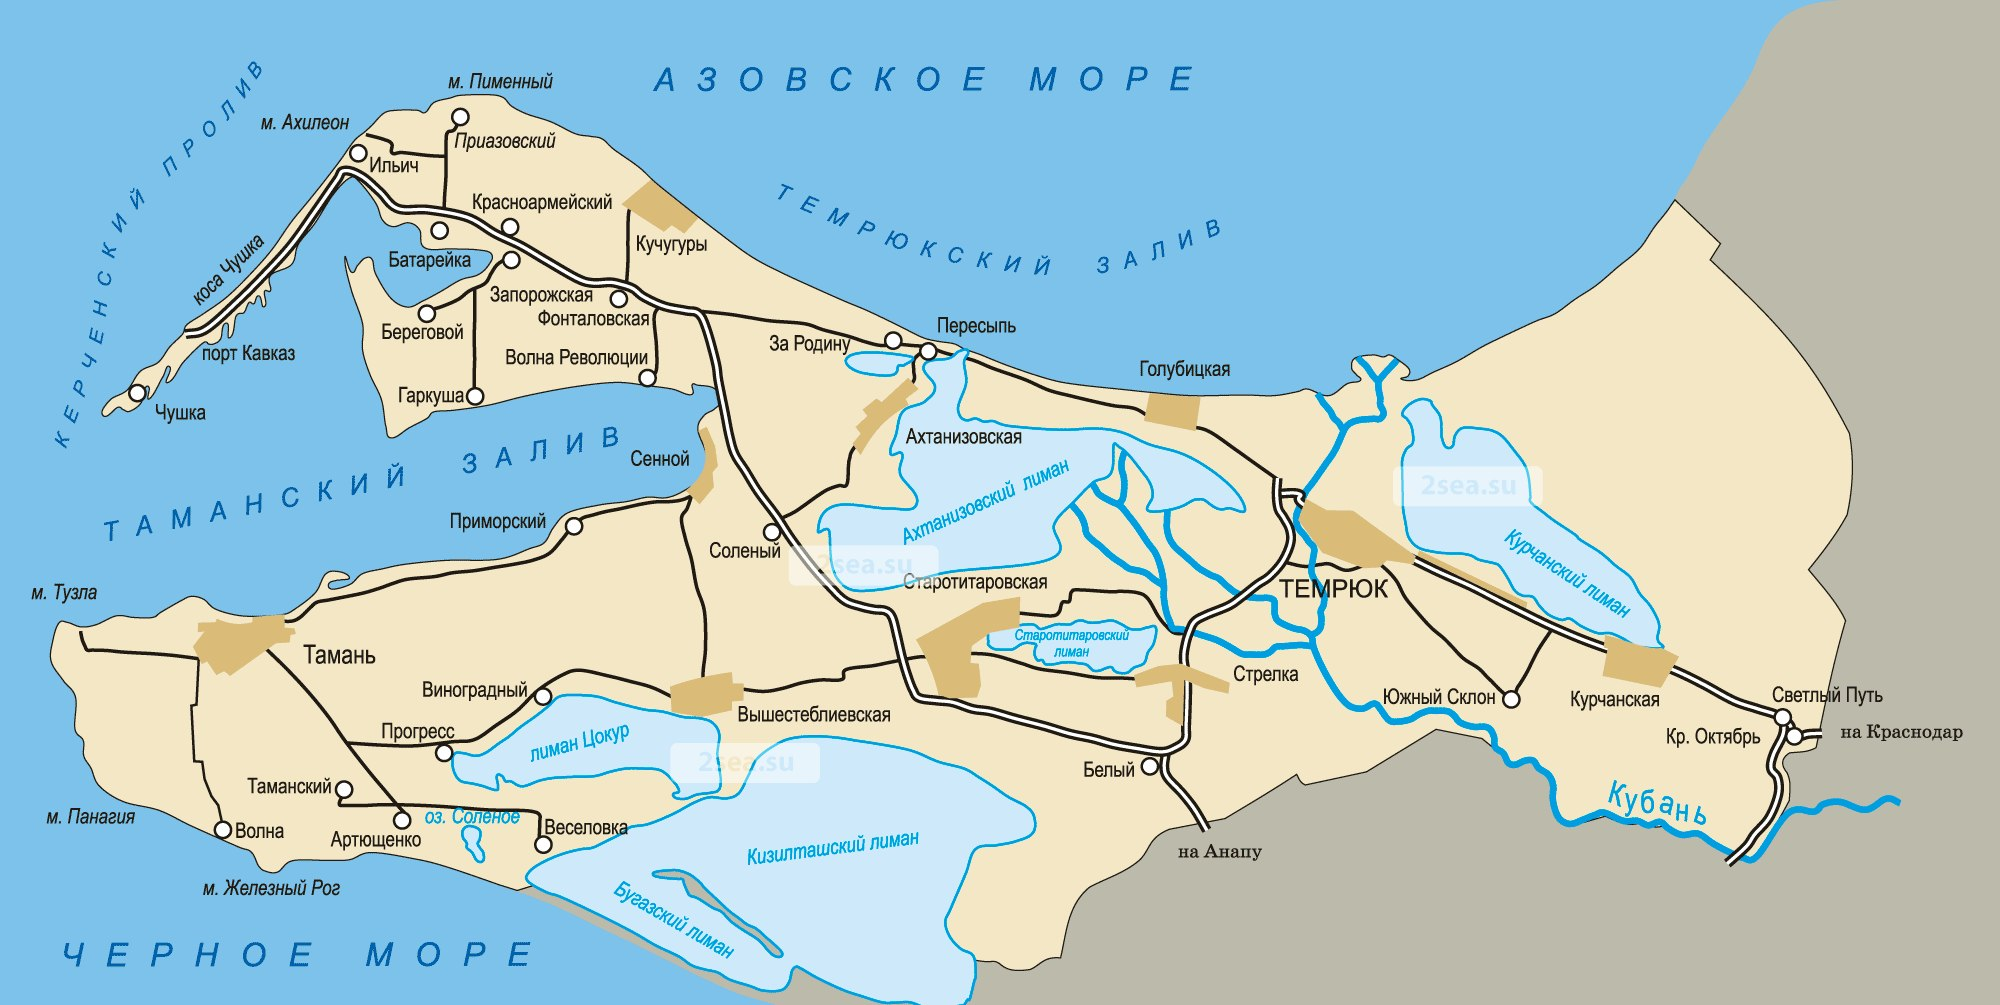 Таманский полуостров и дельта Кубани. Временами Кубань пробивала себе протоки от Азовского моря к Черному